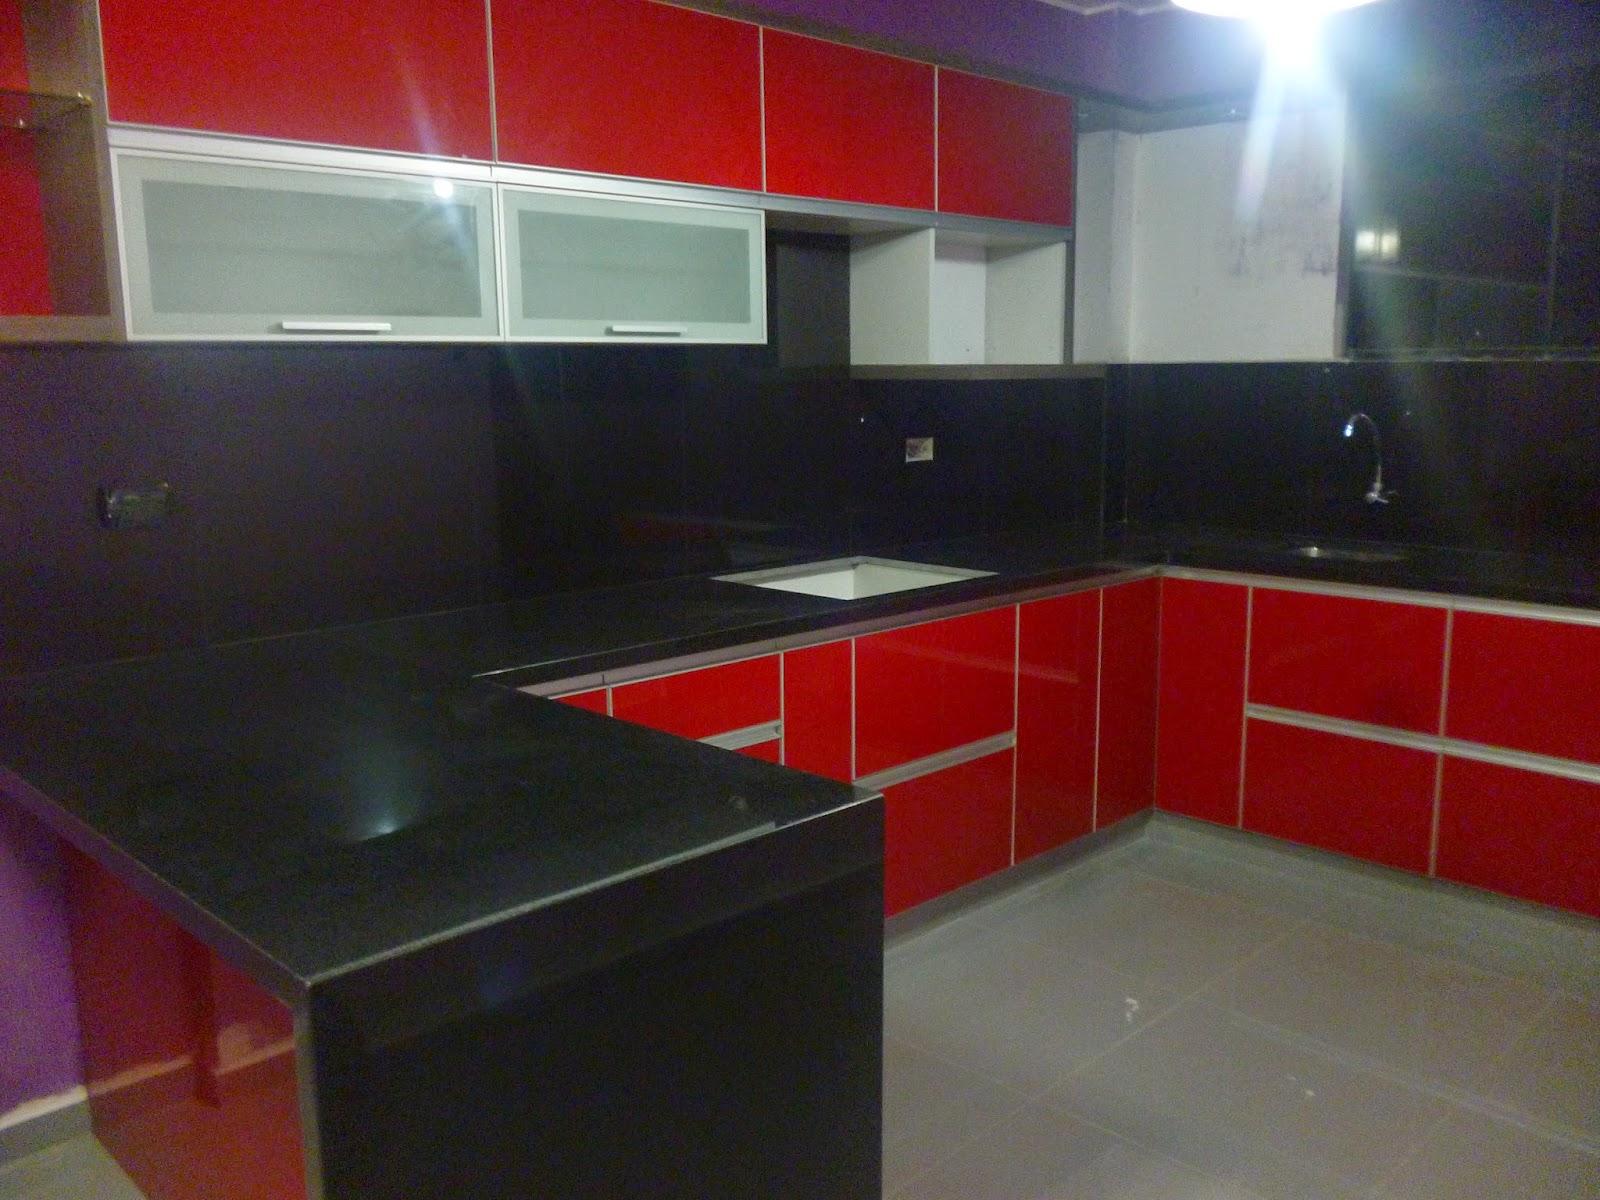 dise ados organiza tu espacio cocina moderna con puertas